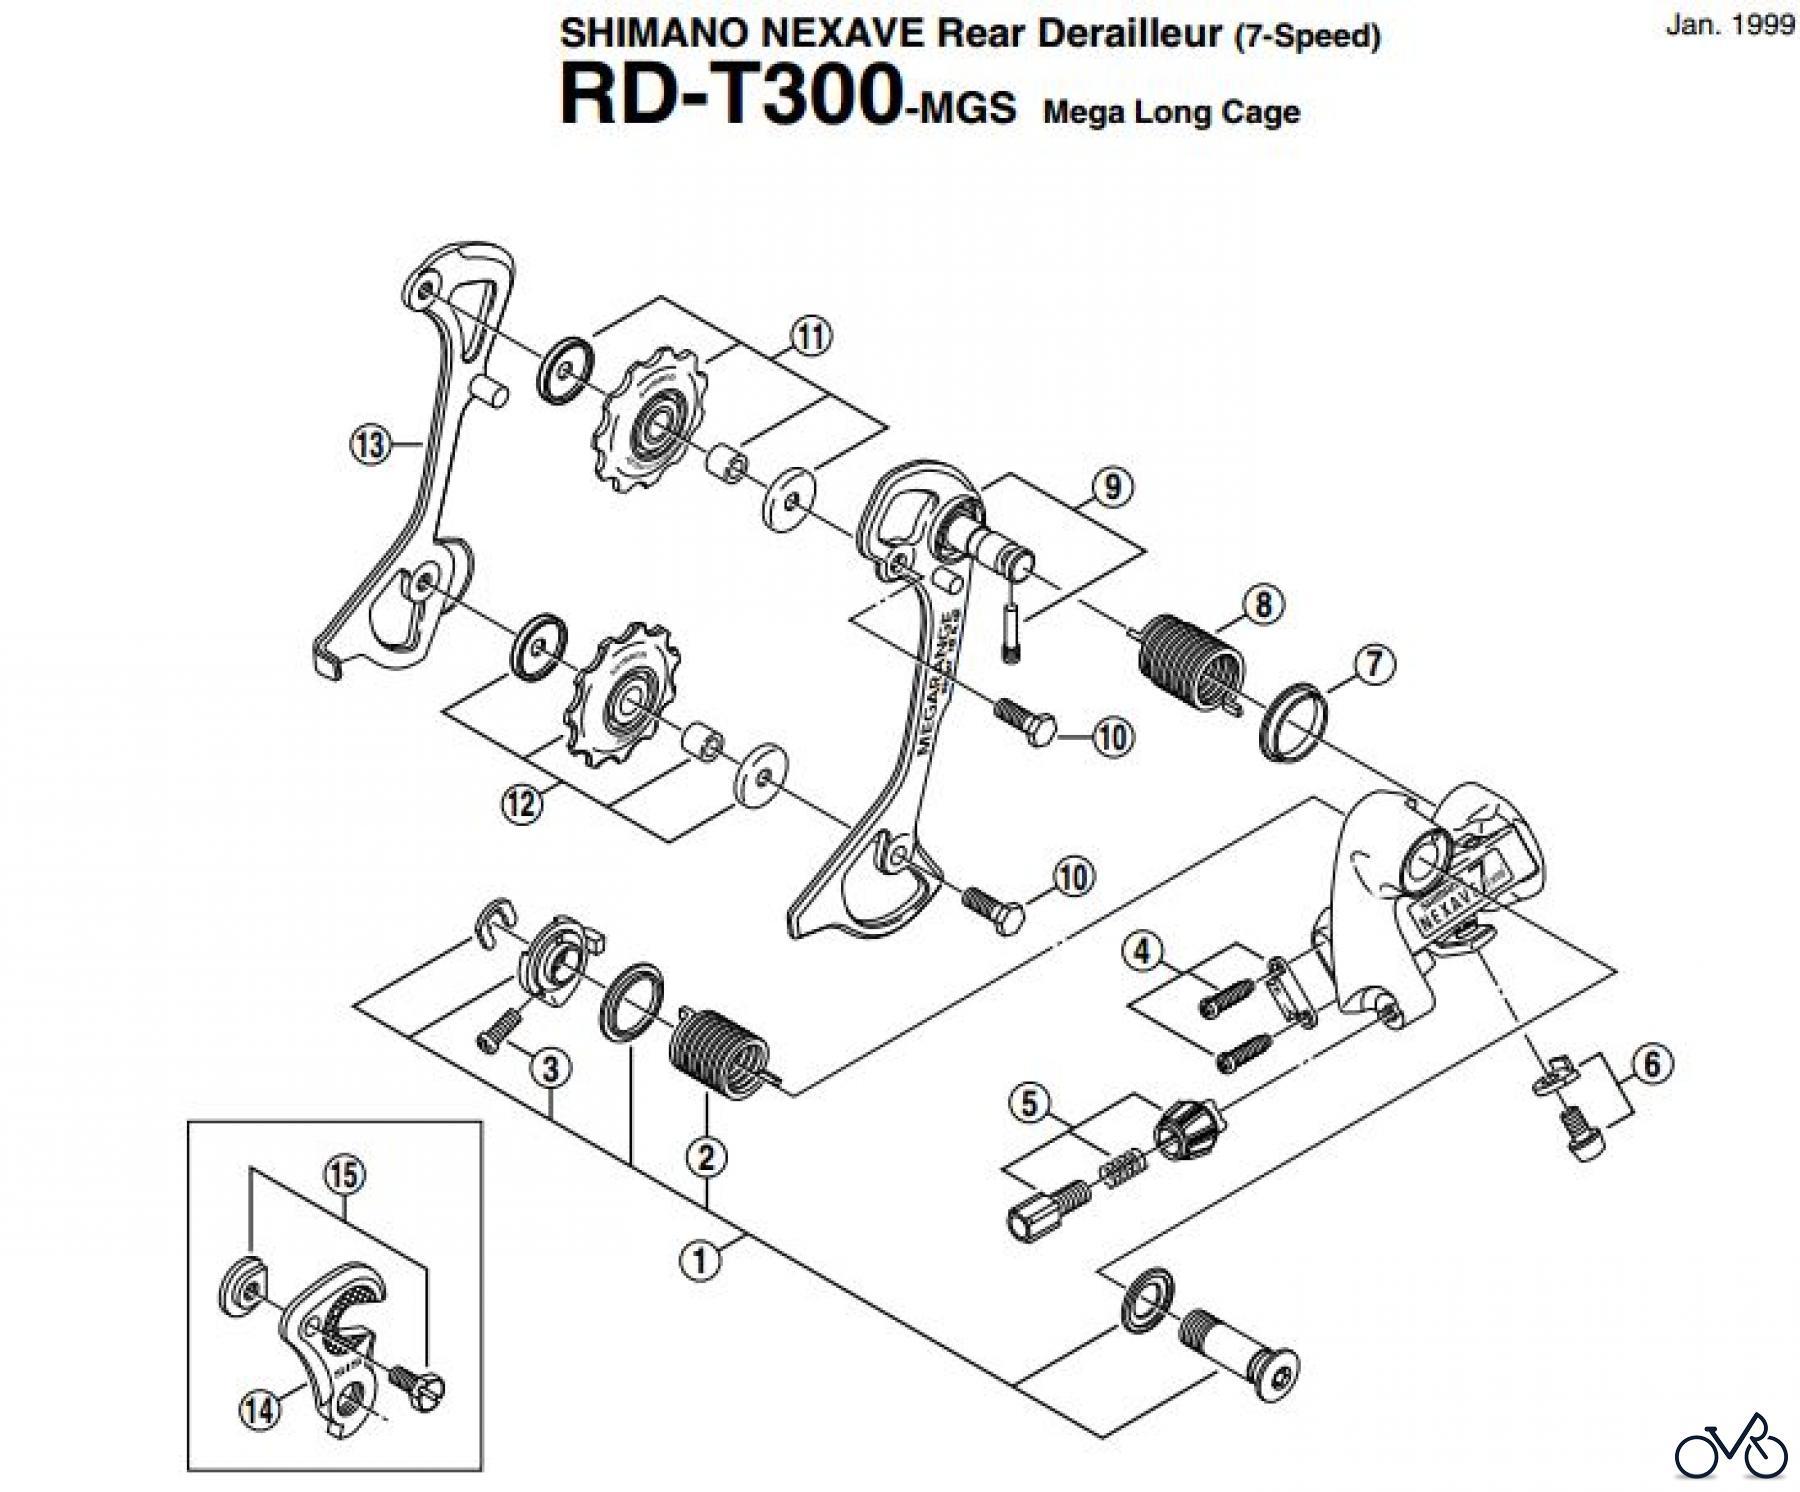 Shimano Ersatzteile Rear Derailleur Diagram Rd Schaltwerk T300